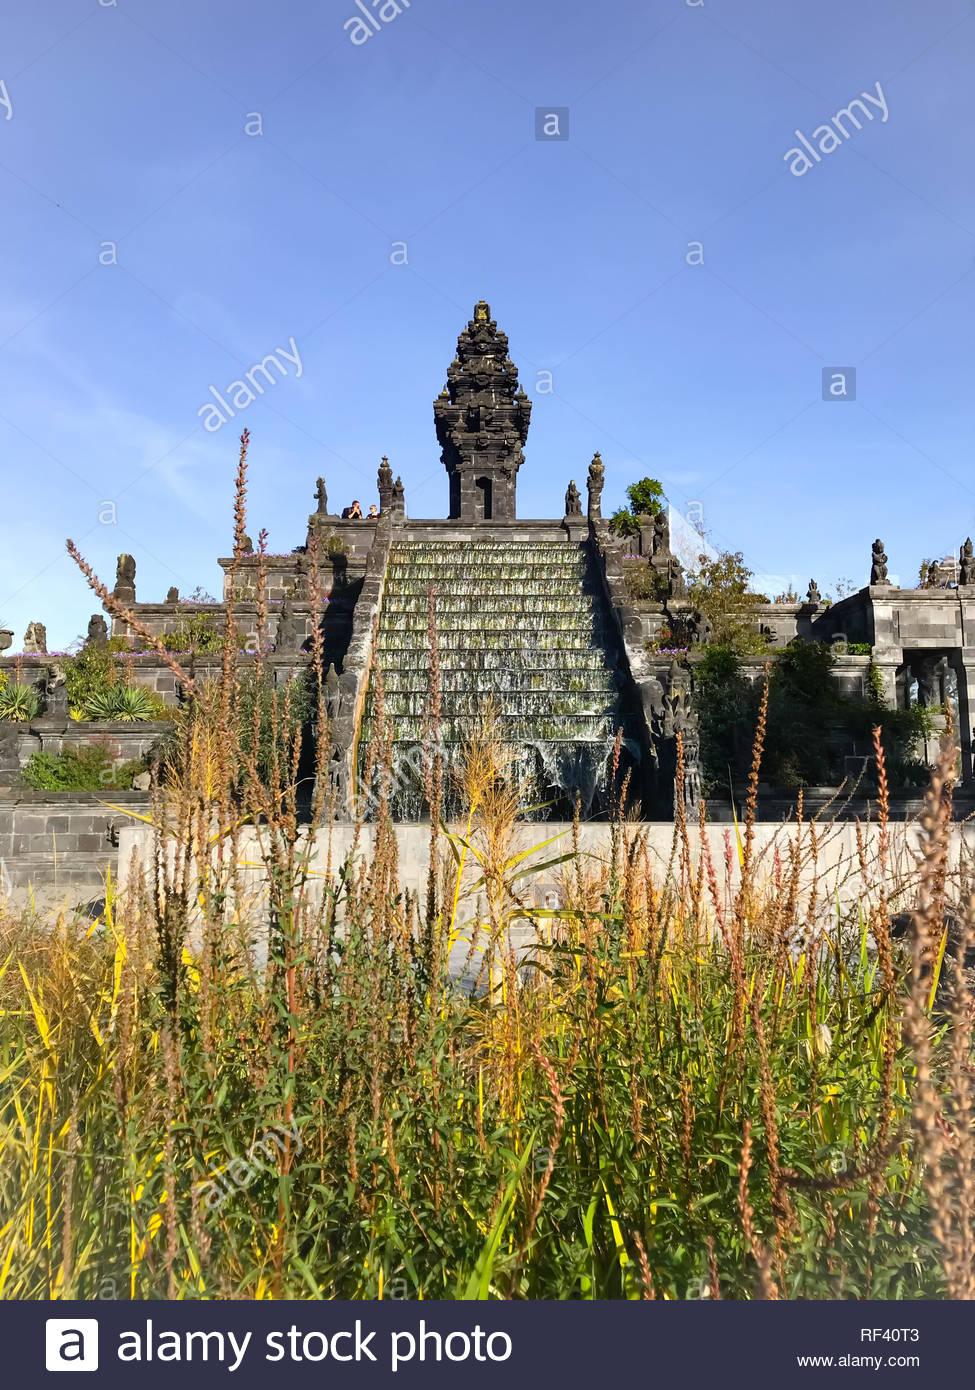 Settembre 2018 - Hainaut, Belgio: il tempio di fiori sulla base di stile Balinese tradizionale architettura indù al belga Zoo Pairi Daiza Foto Stock